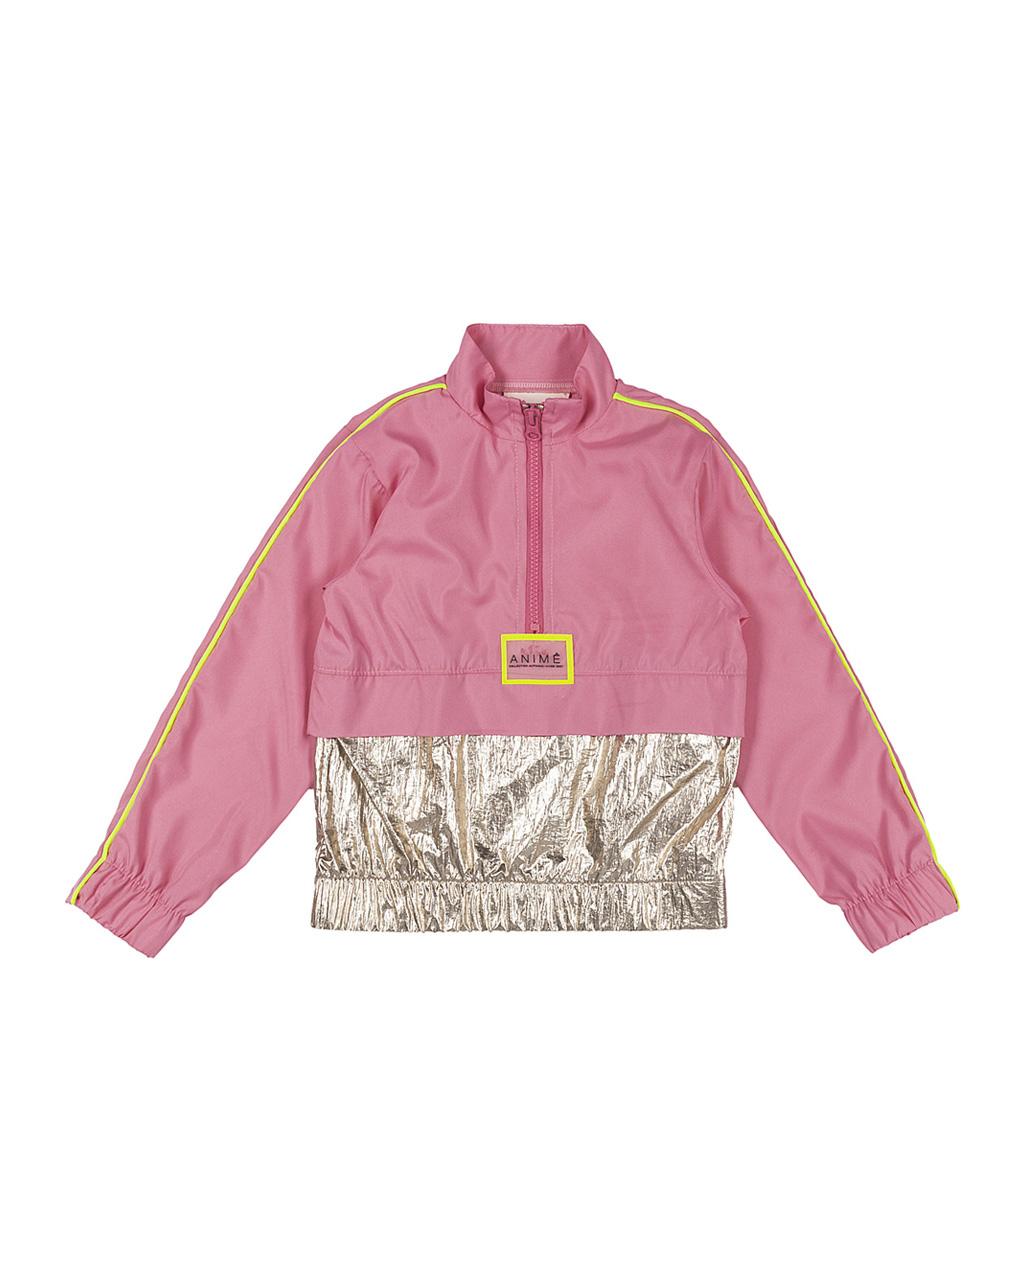 Conjunto Infantil Corta Vento Rosa Detalhe Plastic Dourado Animê